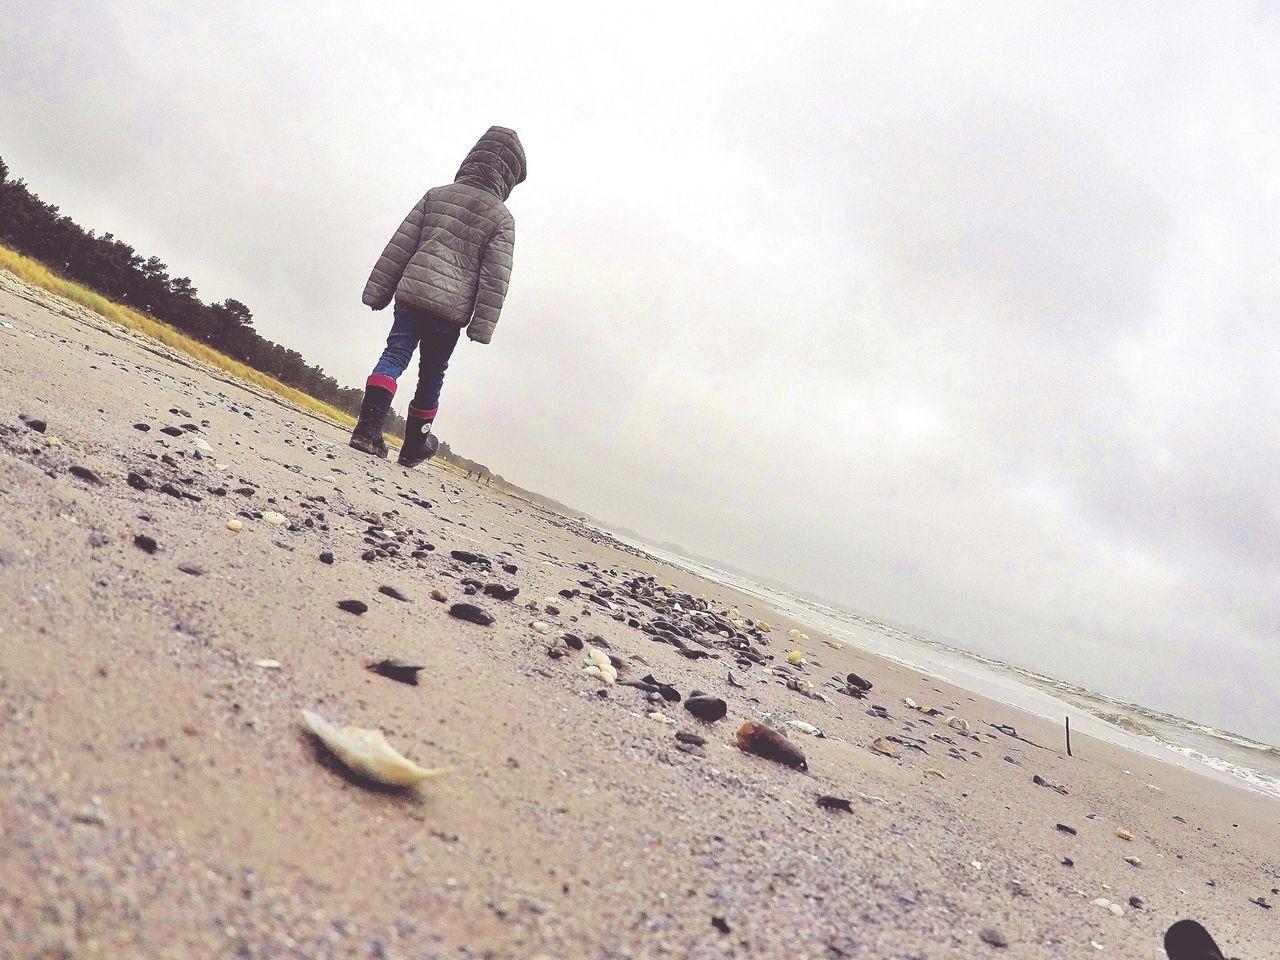 Beach Sand One Person Outdoors Water Nature Sky Autumn🍁🍁🍁 Autumn Collection Beauty In Nature Beachphotography Beach Photography Beachlife Lifeisabeach Ostsee Ostseeküste Rügen Rügen Lovers Schaabe Baltic Sea Balticsea Muscheln Muscheln Sammeln Seashells Seashell❤